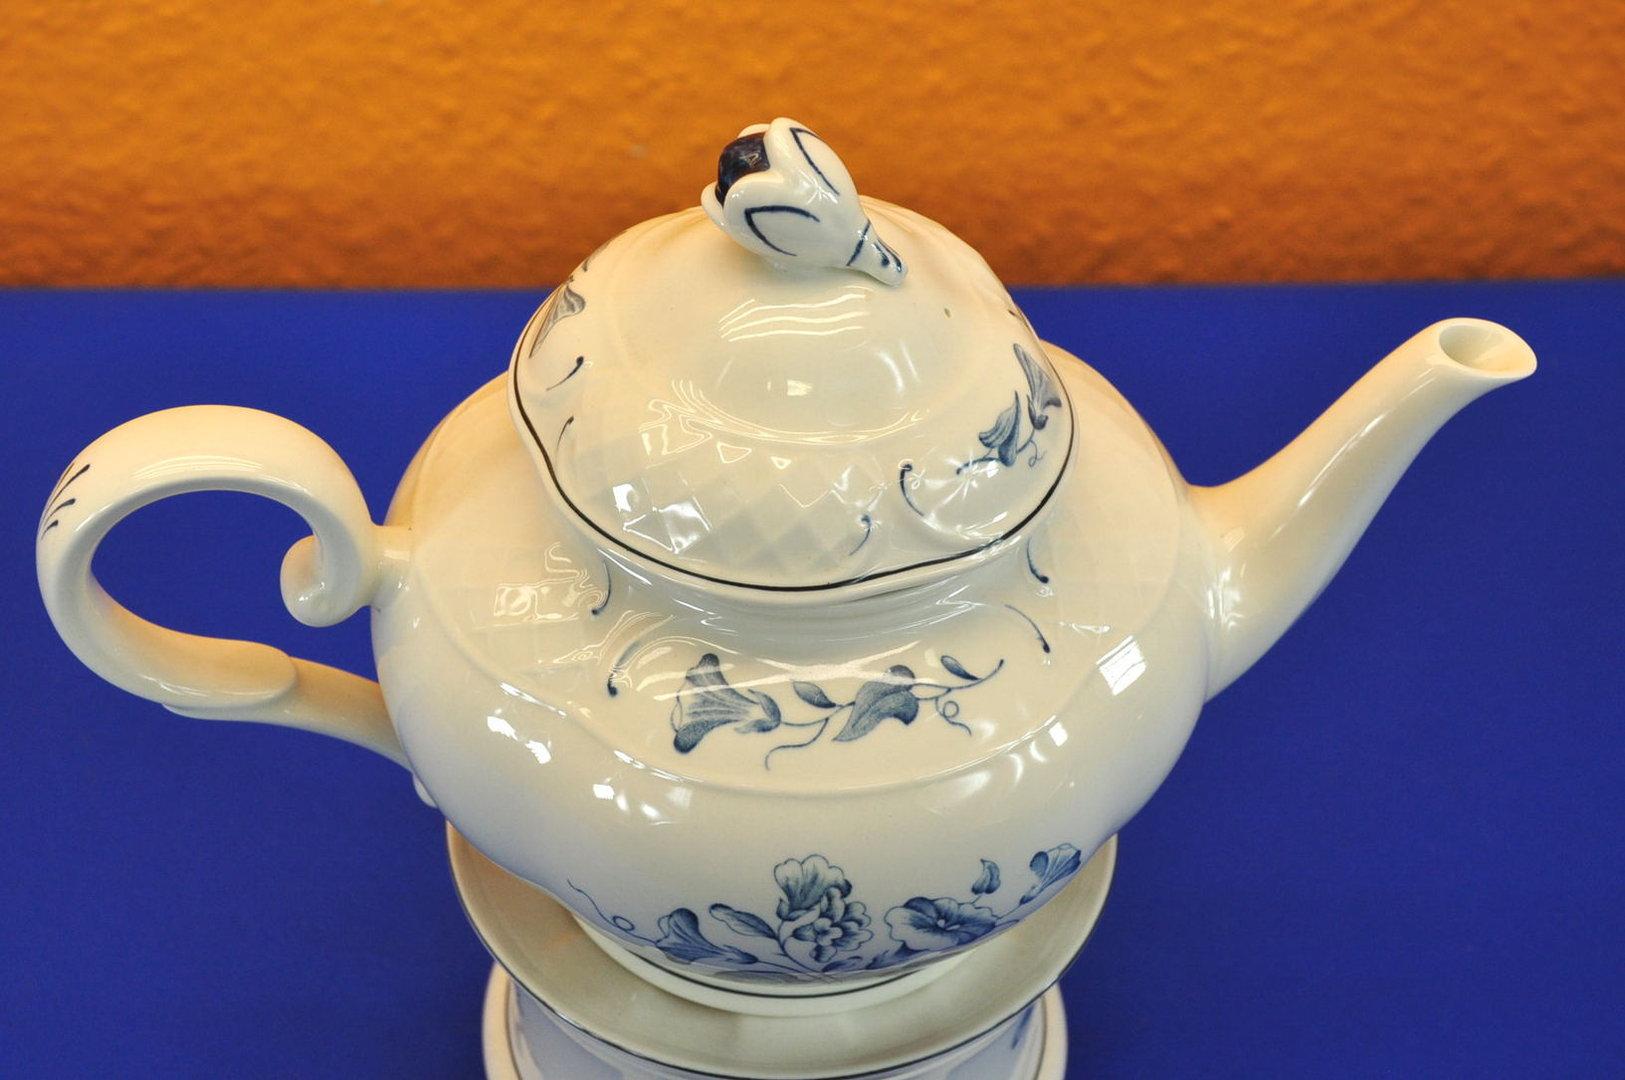 Villeroy boch val bleu teapot and warmer kusera - Villeroy and boch ...